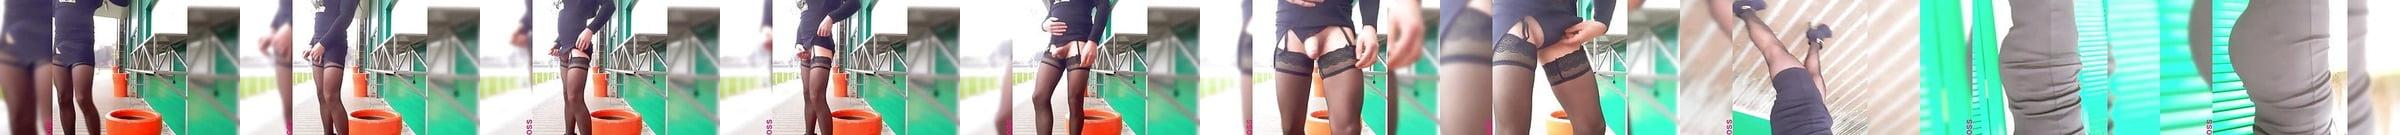 Französisches Pornovideo Mit Hobbyswingern